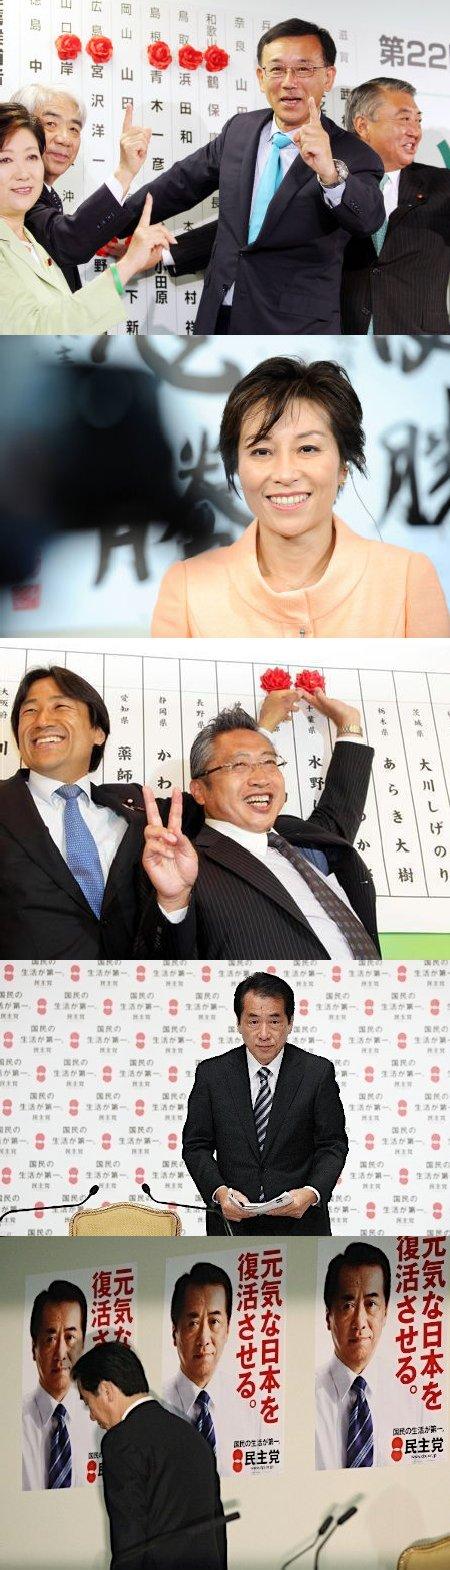 5年前に戻った選挙結果_z